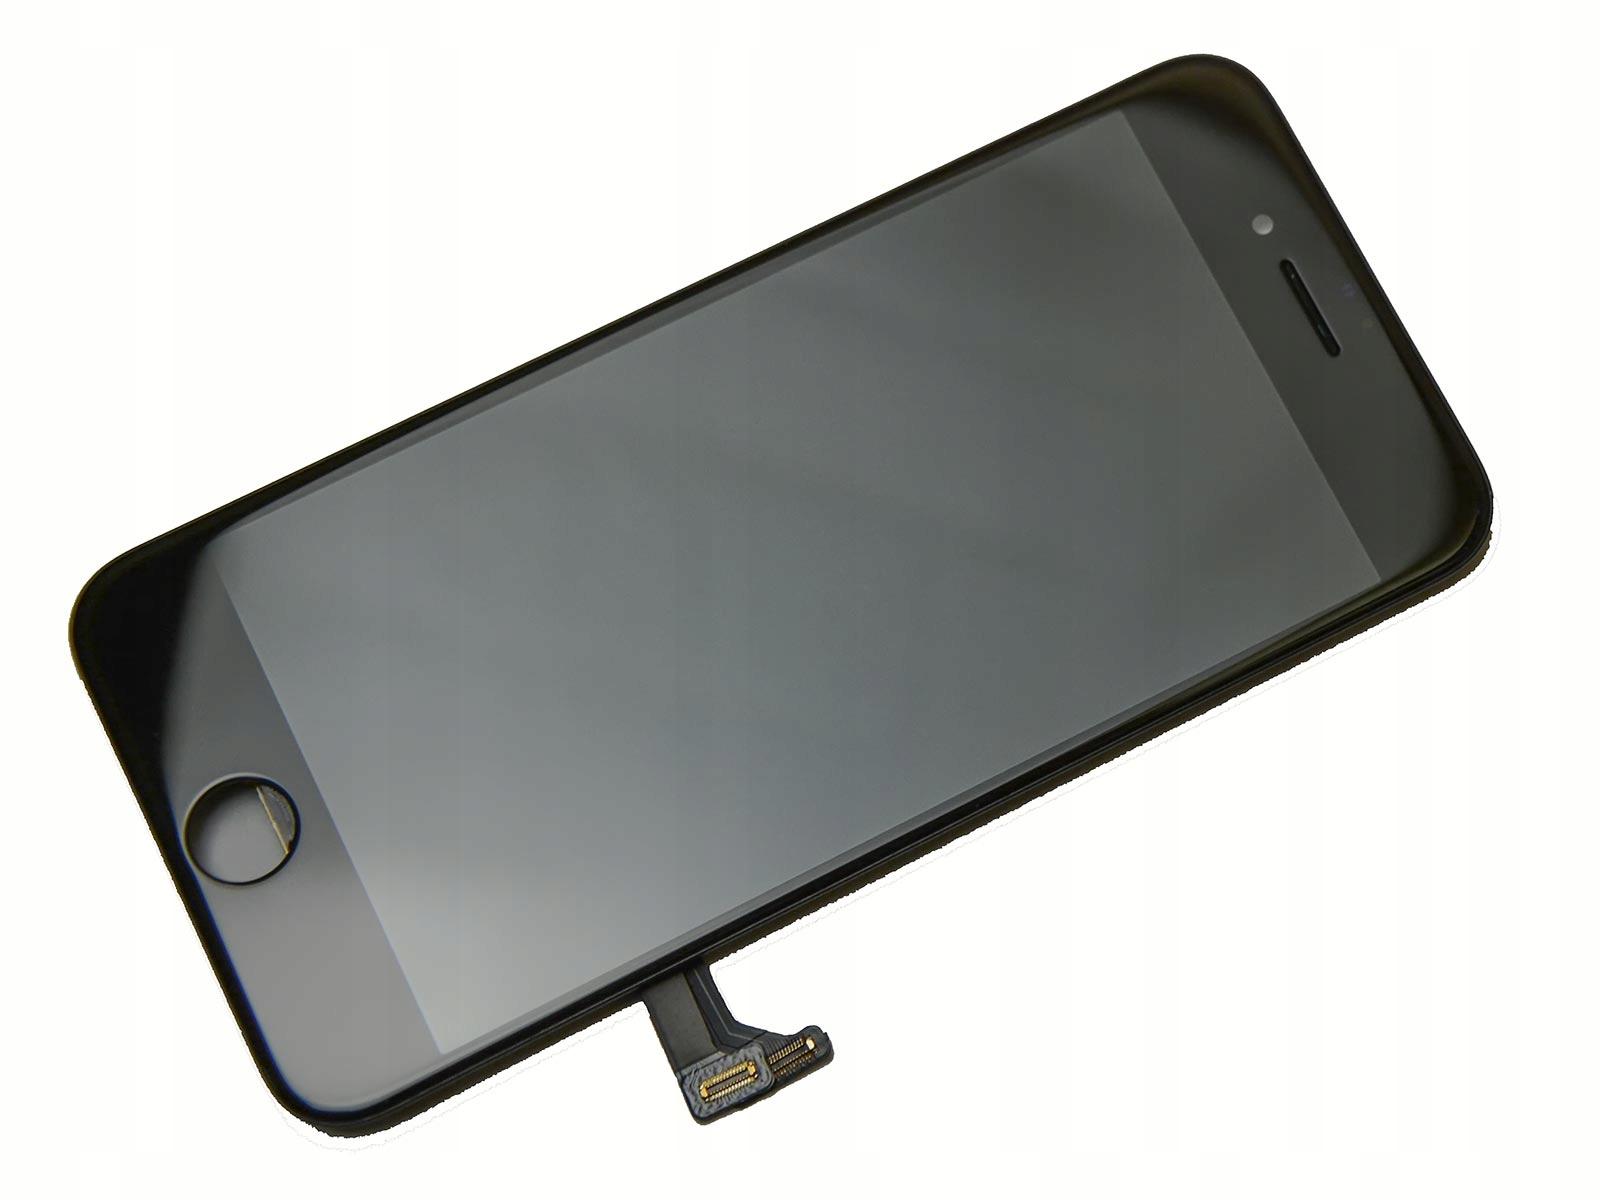 WYŚWIETLACZ LCD RAMKA SZYBKA IPHONE 8 WYMIANA